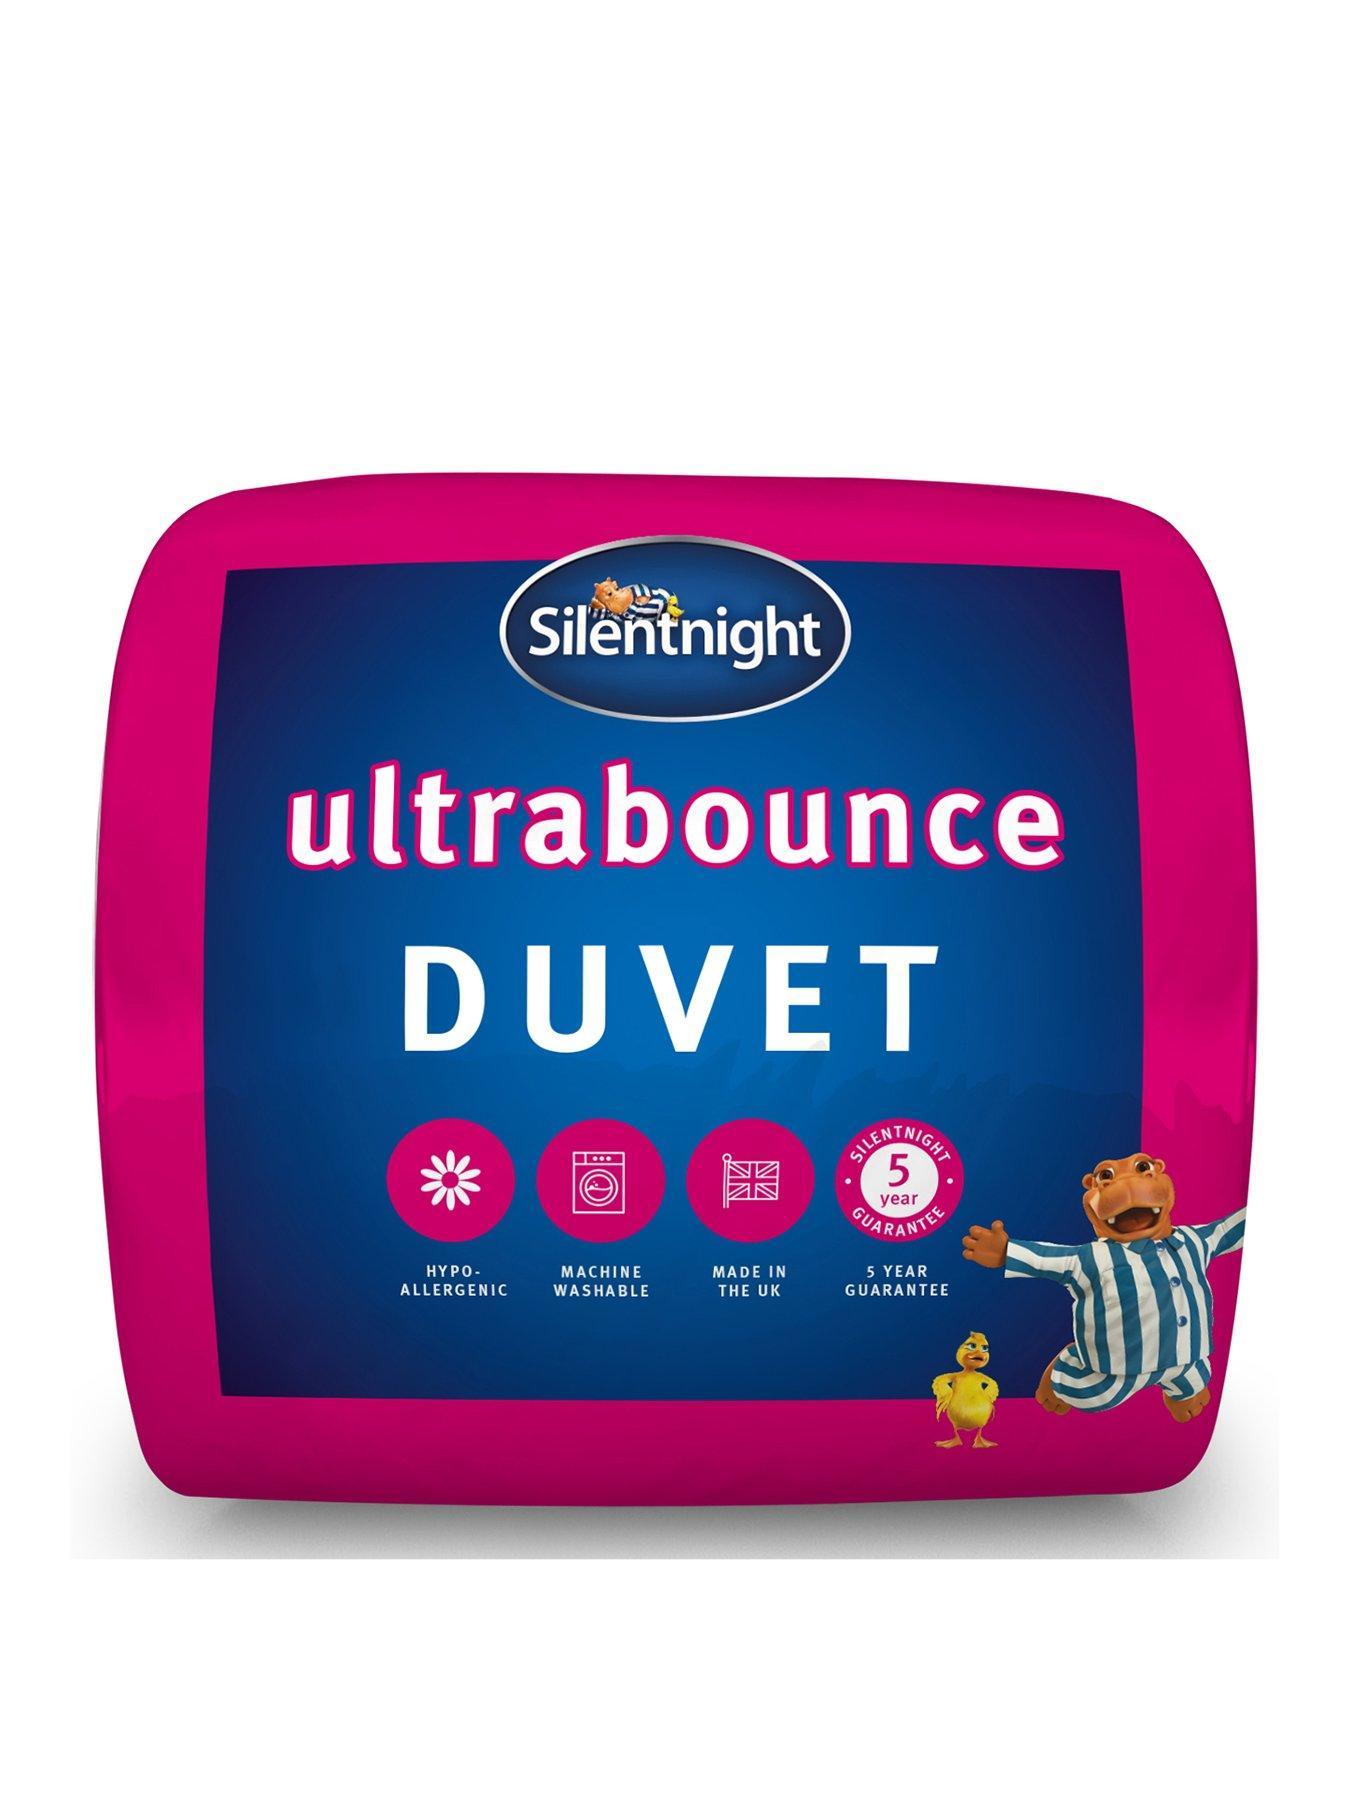 Silentnight Ultrabounce 10.5 Tog Duvet Quilt /& Pillow Pair Bundle